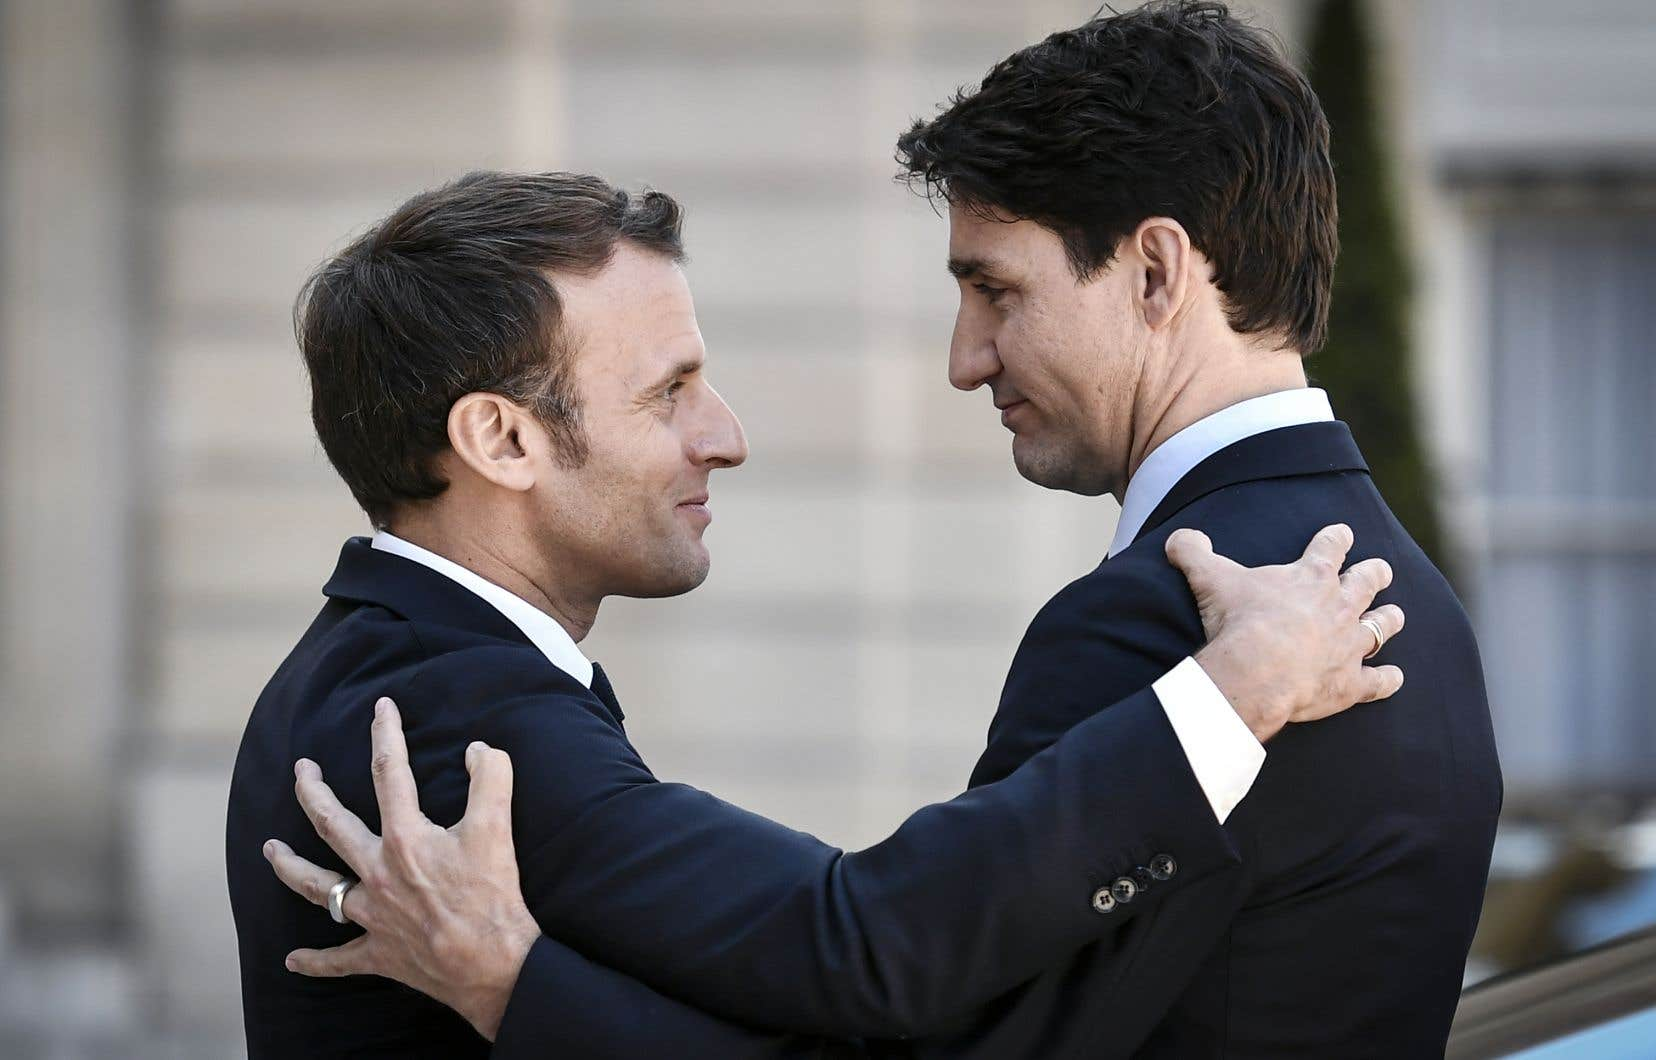 L'accord a déjà l'appui d'une majorité d'élus issus du parti de La République en marche (LREM) du président français Emmanuel Macron, alors que du côté de Justin Trudeau, Ottawa et Québec ont déjà ratifié l'entente depuis 2017.